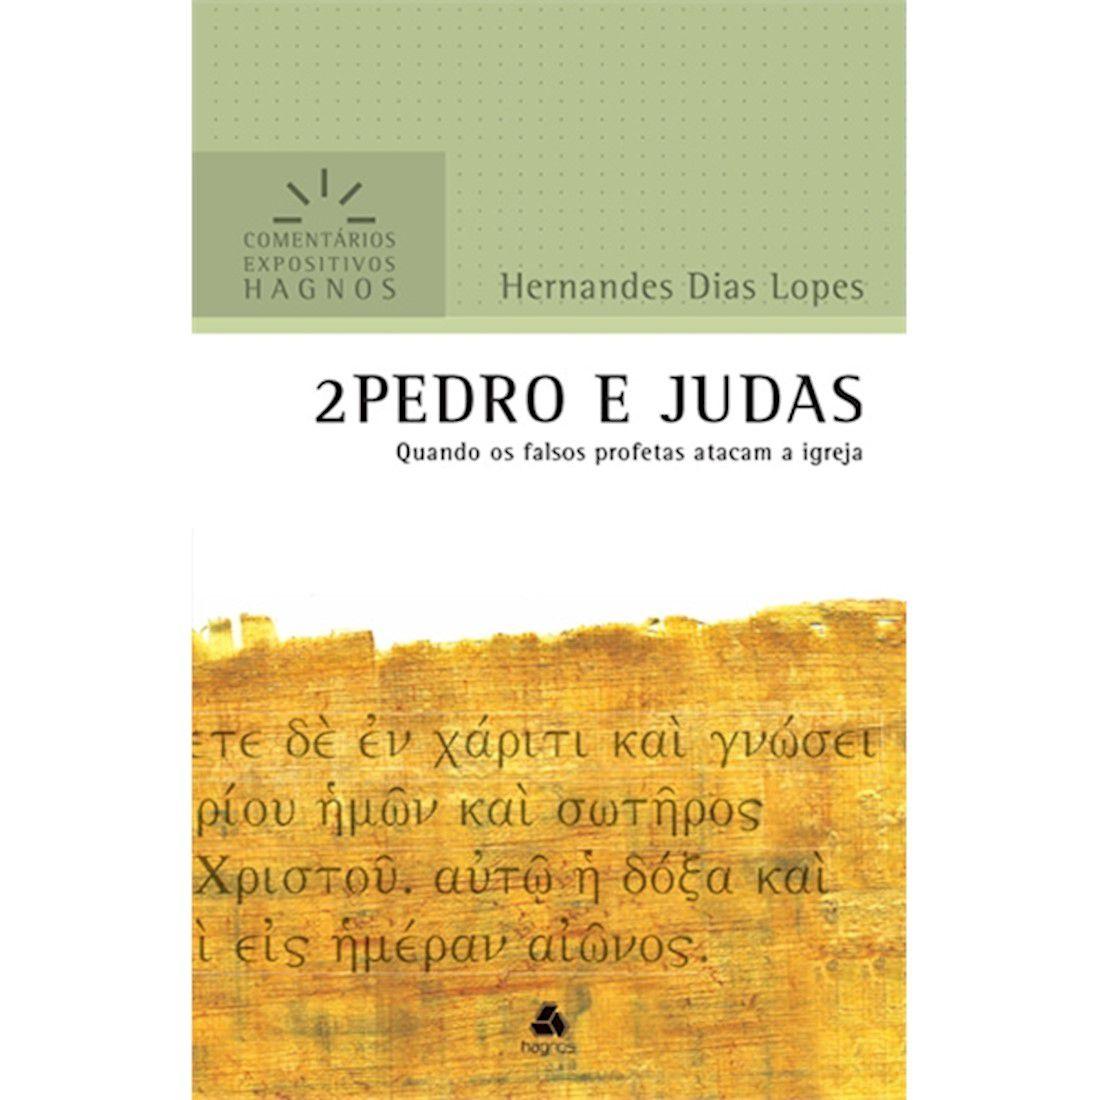 Livro 2 Pedro e Judas | Comentários Expositivos Hagnos